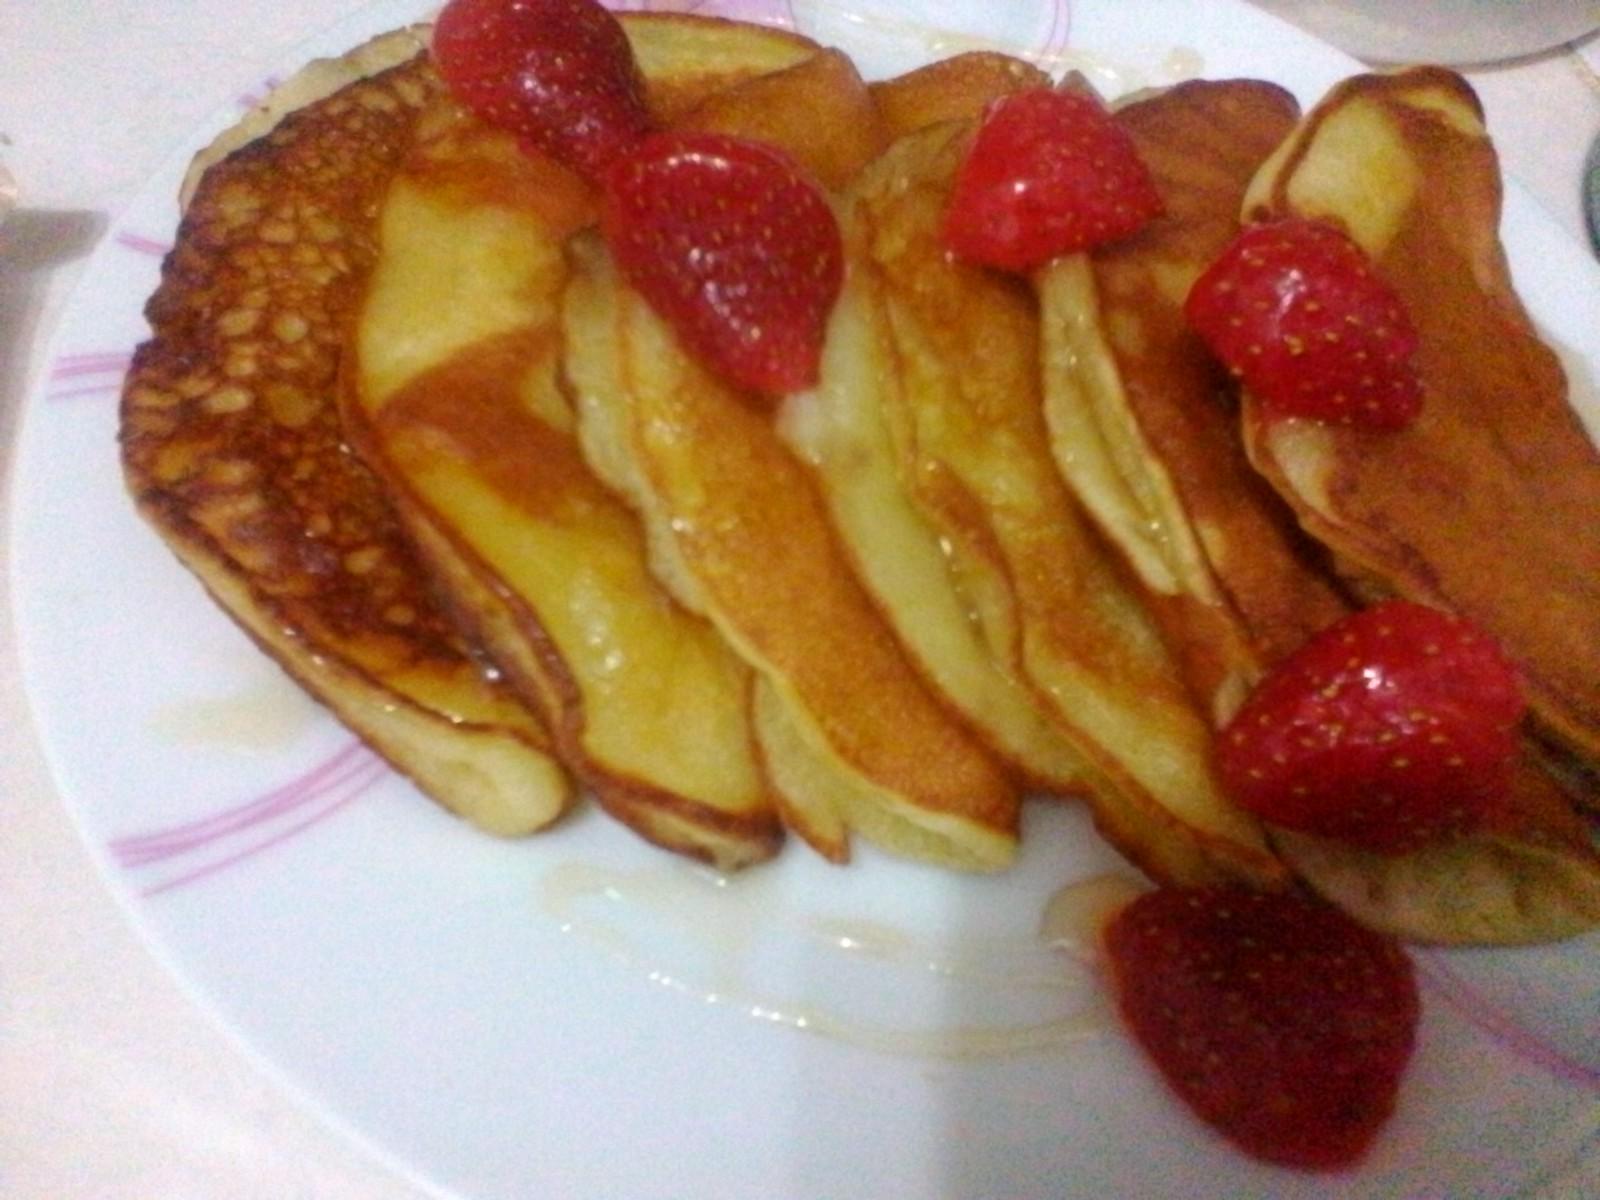 resepi pancake tanpa telur, menu minum petang, pancake mudah, lempeng